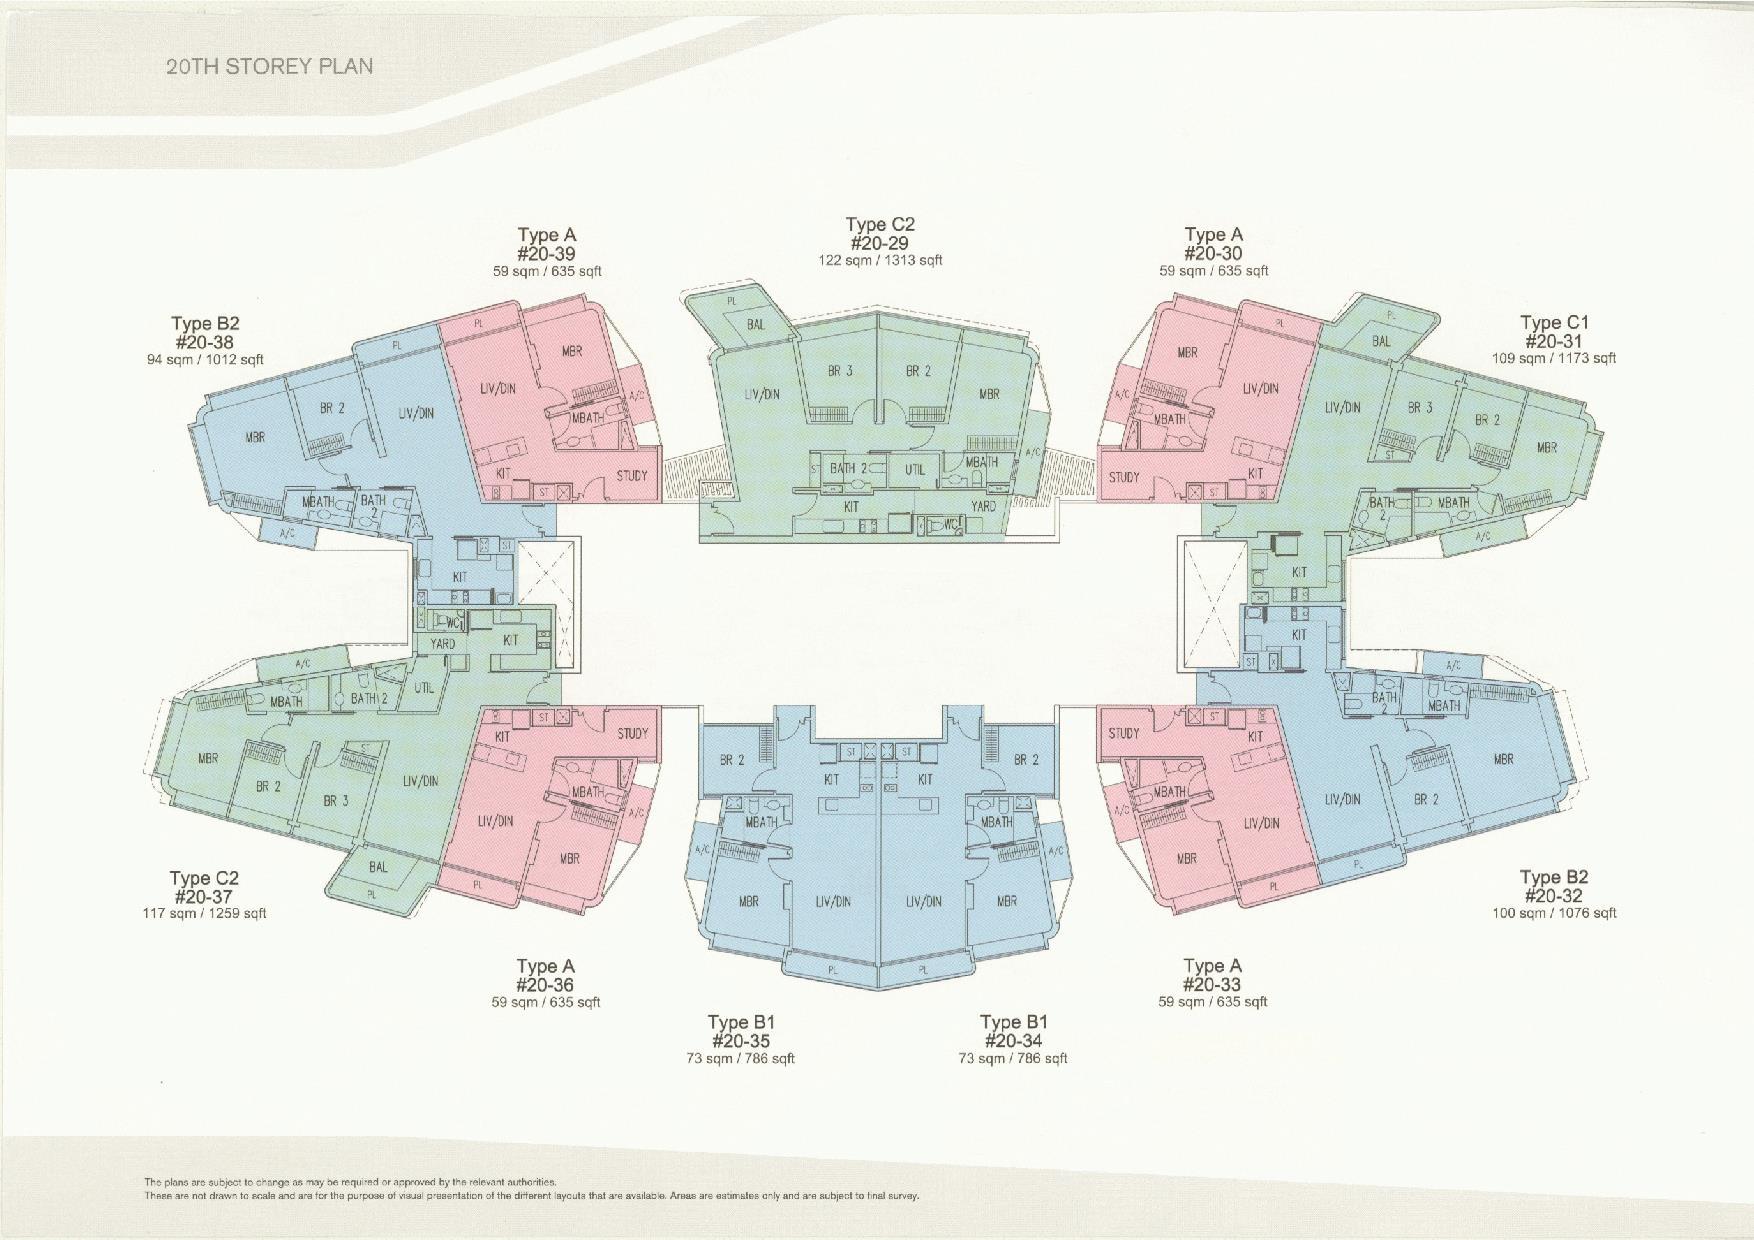 D'Leedon Block 11 20th Storey Floor Plans